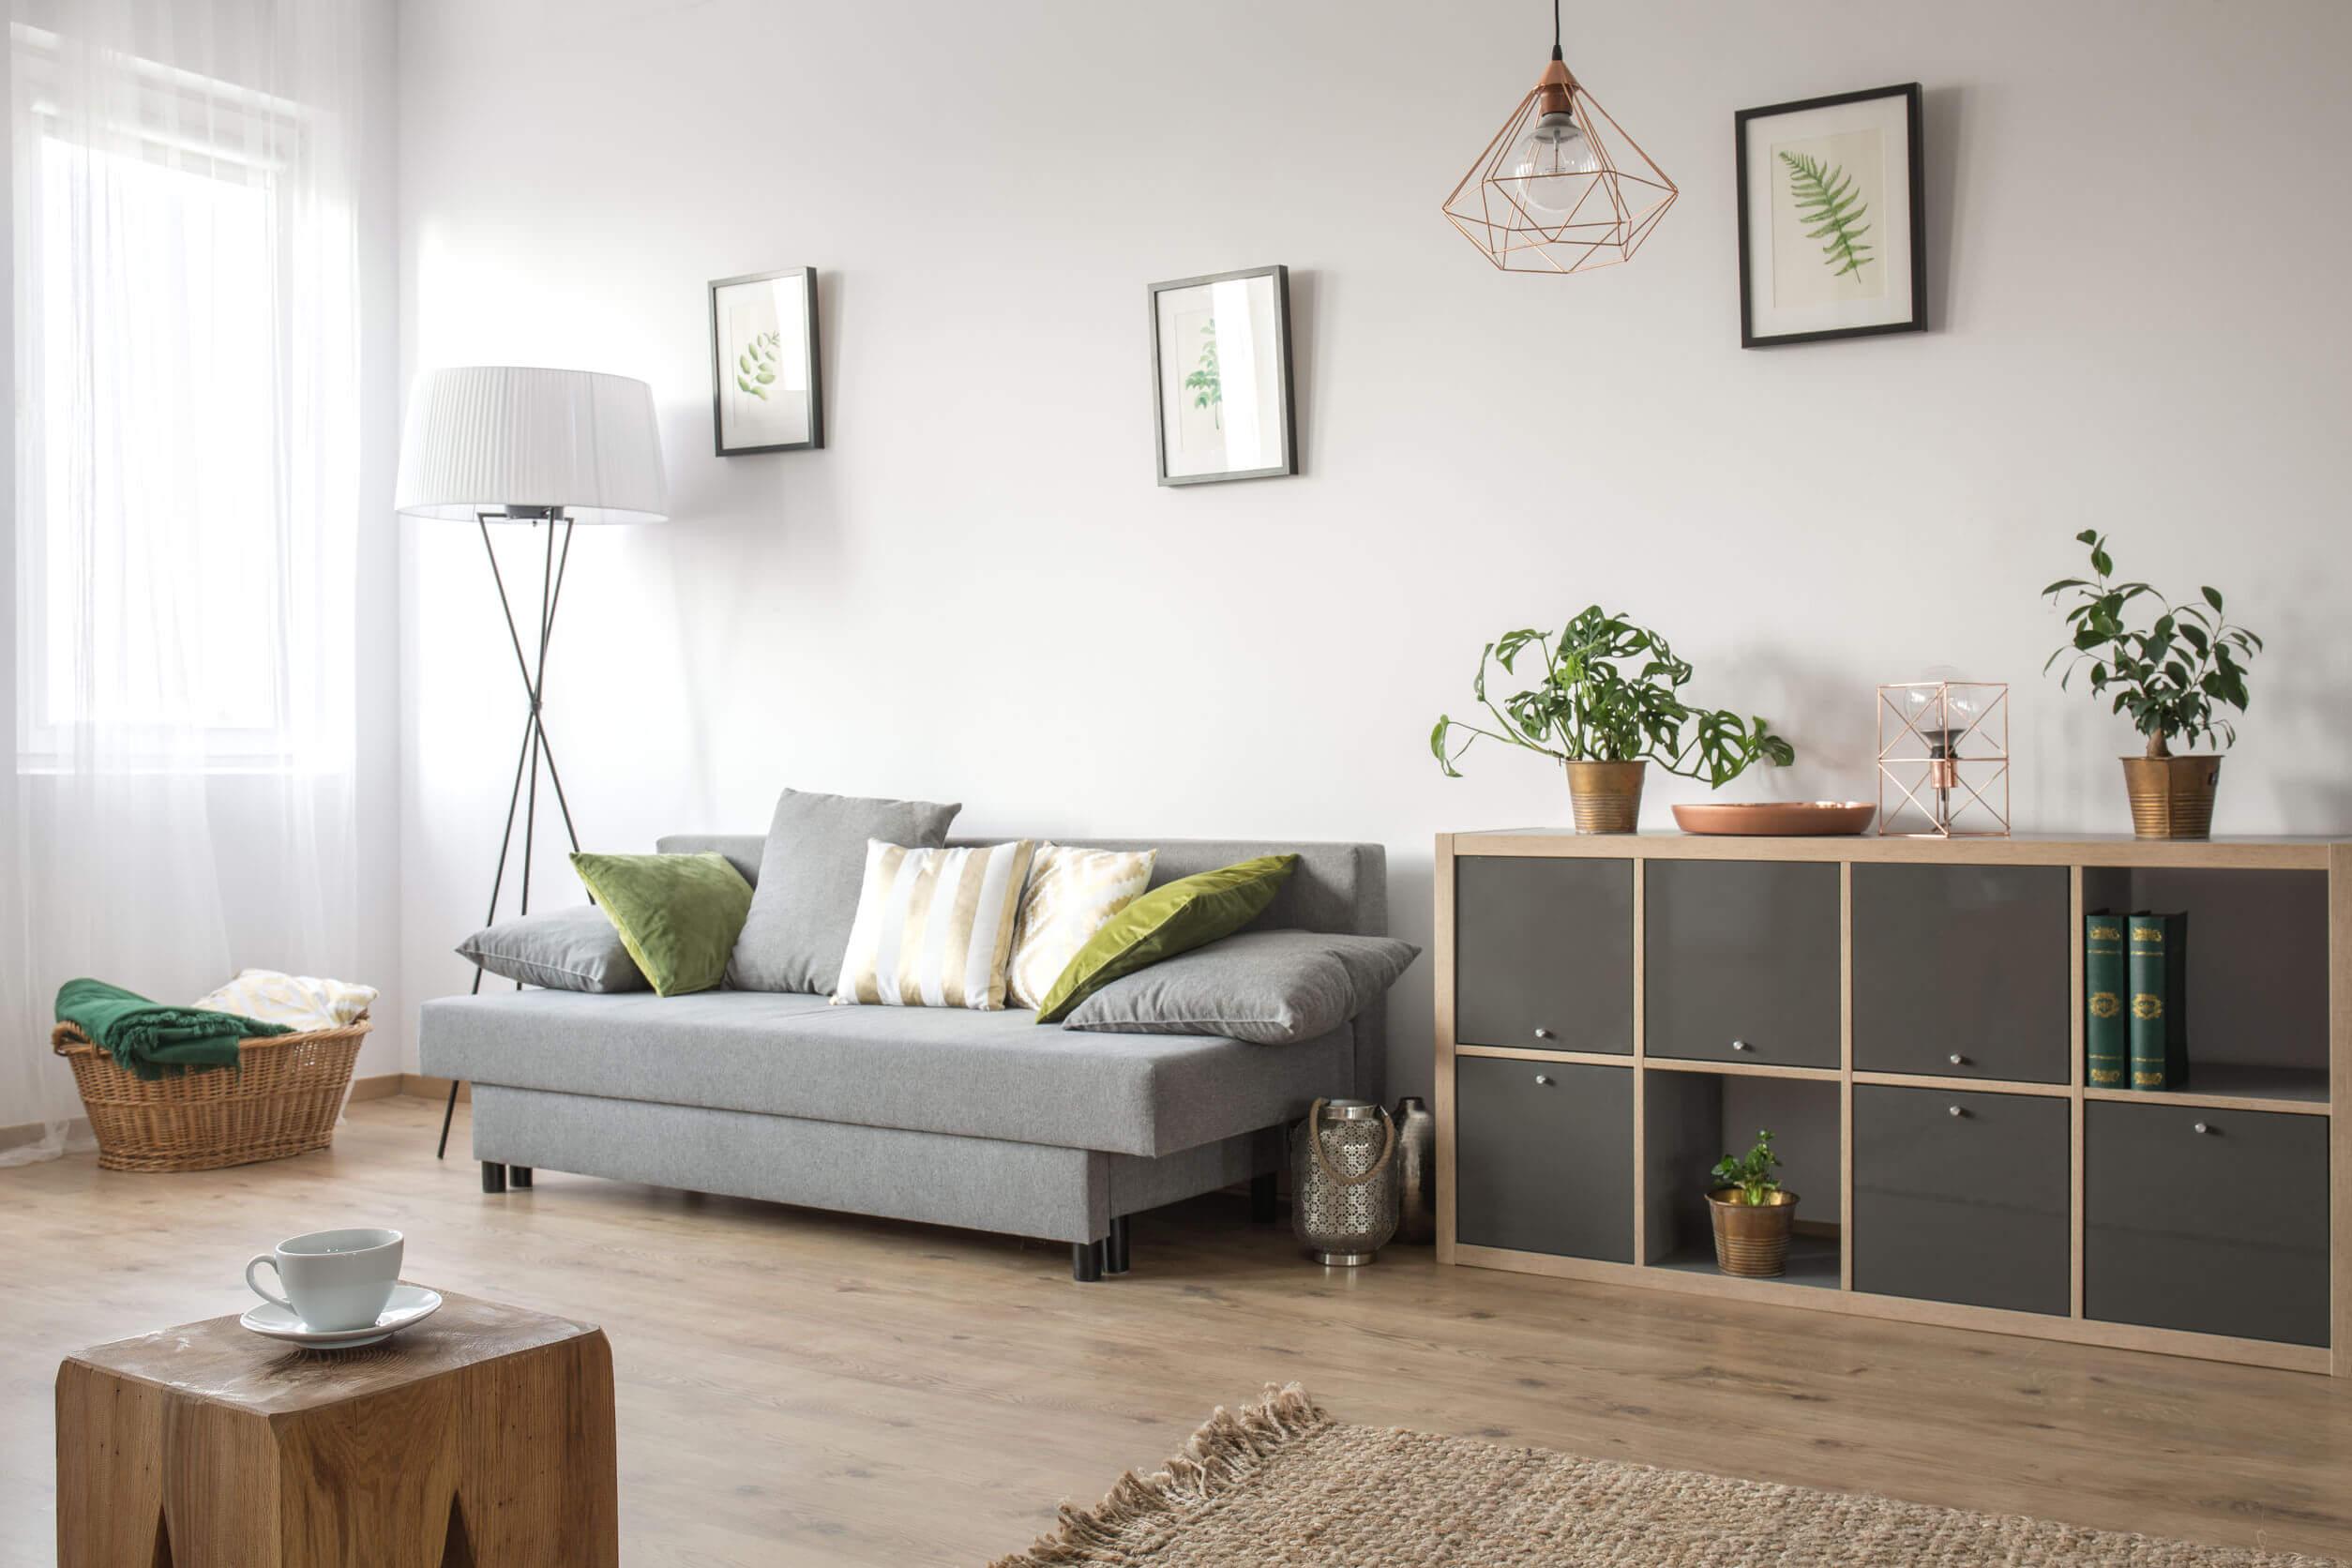 Győr tele van 25 milliónál olcsóbb szép lakásokkal